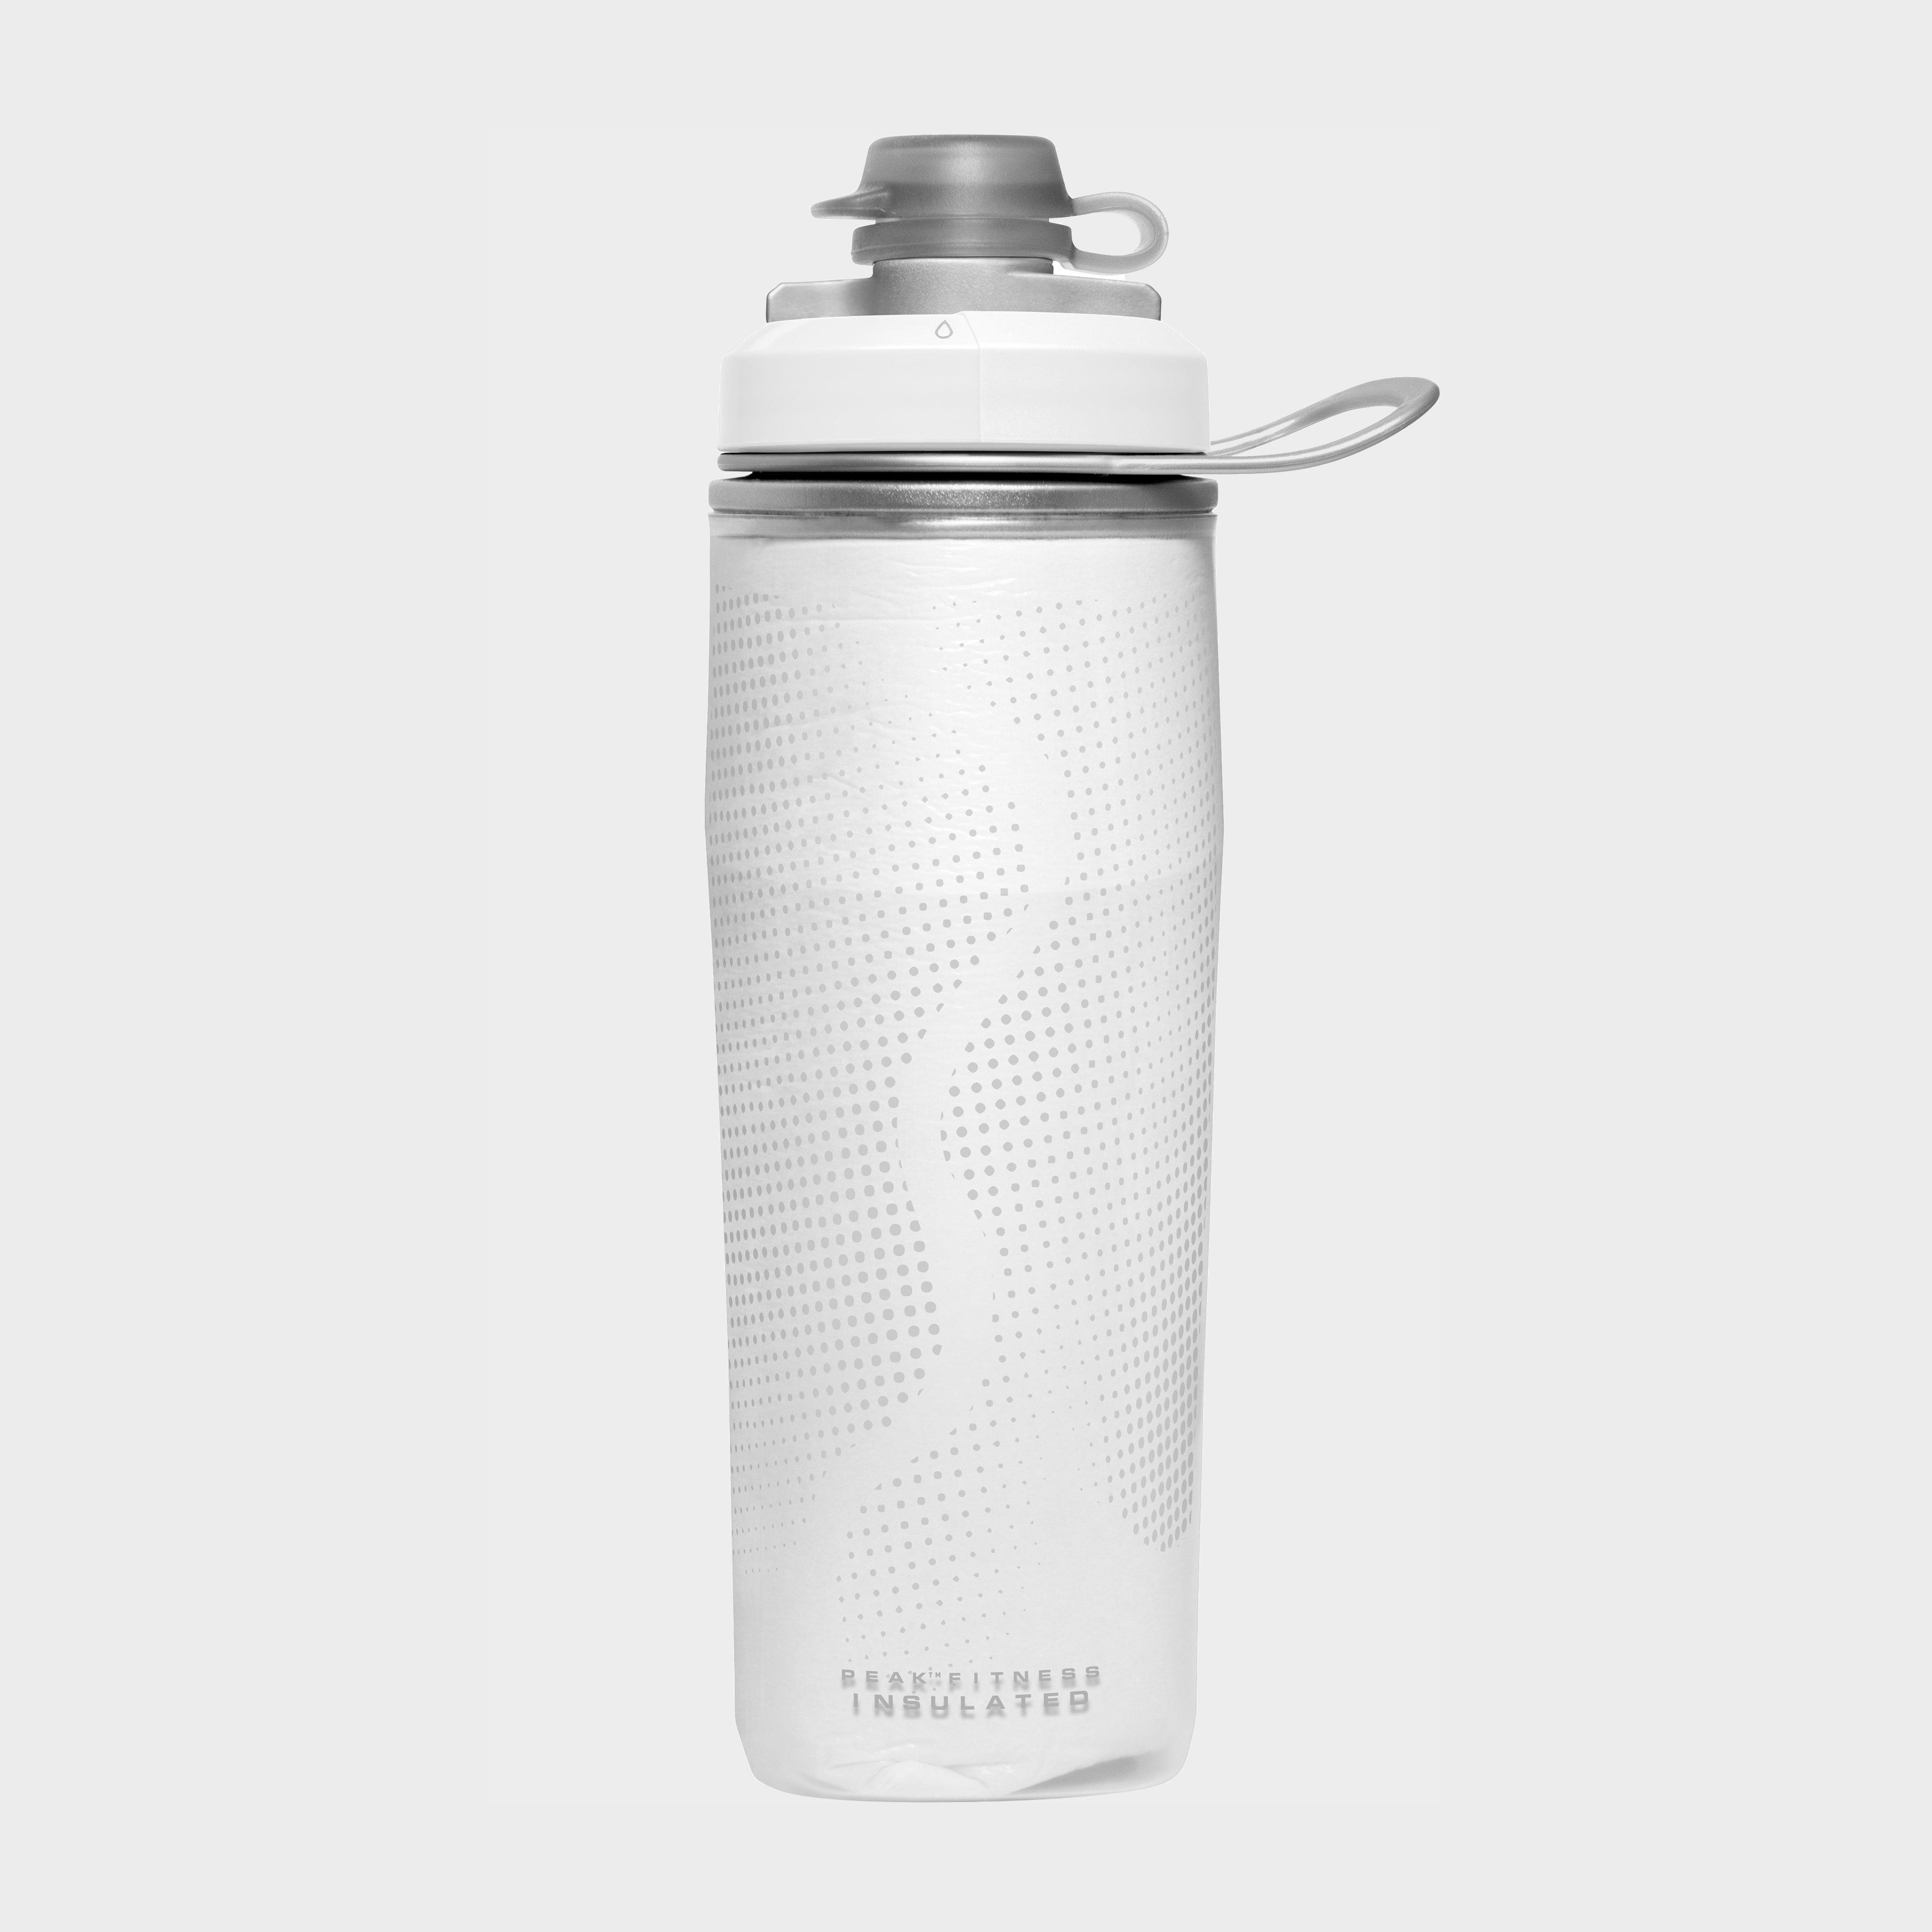 Camelbak Peak Fitness Chill Bottle 500ml, Silver/0.5L